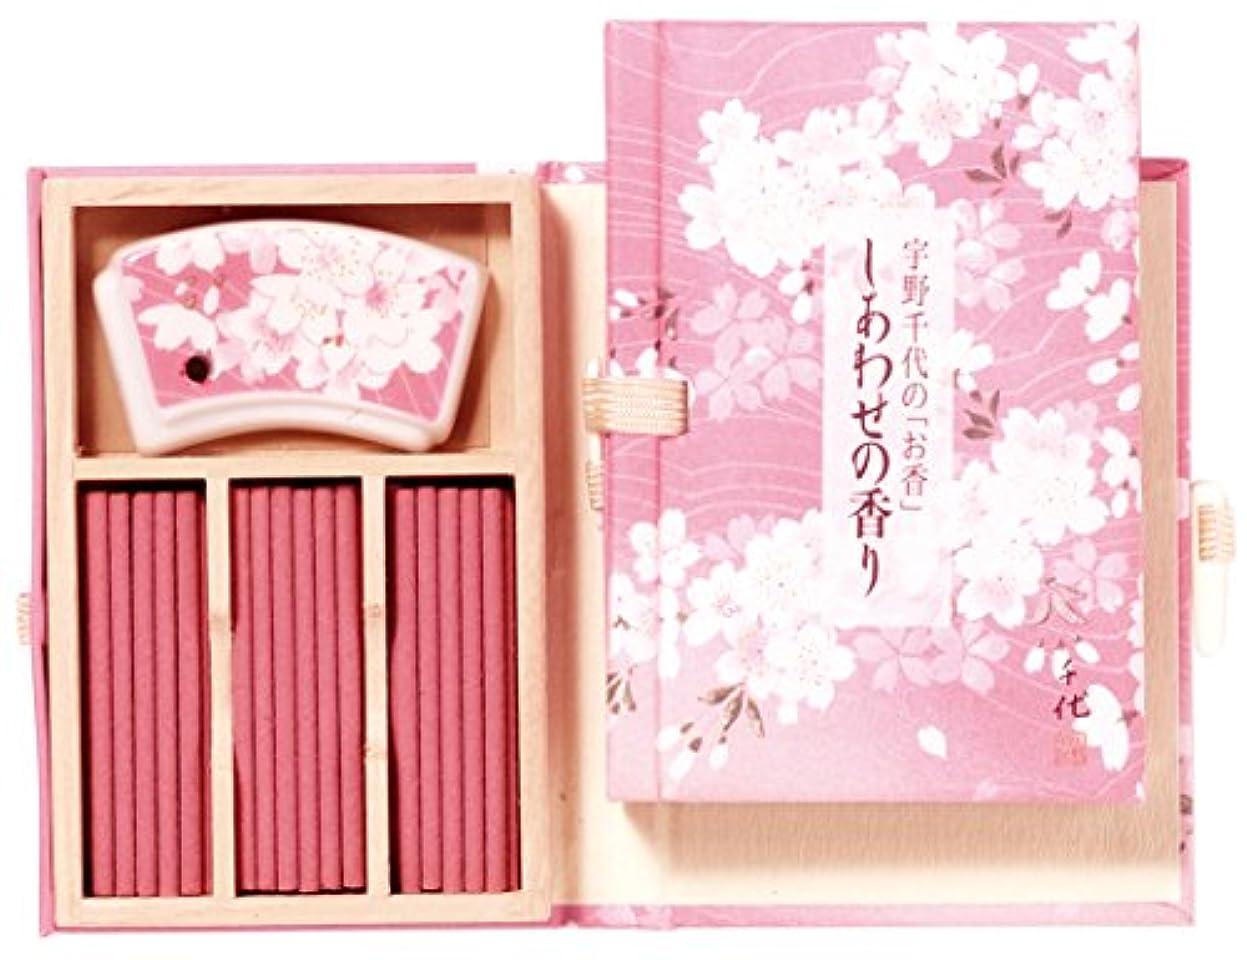 活力ブレークオーストラリア人宇野千代 しあわせの香り スティック36本(桜香立付)